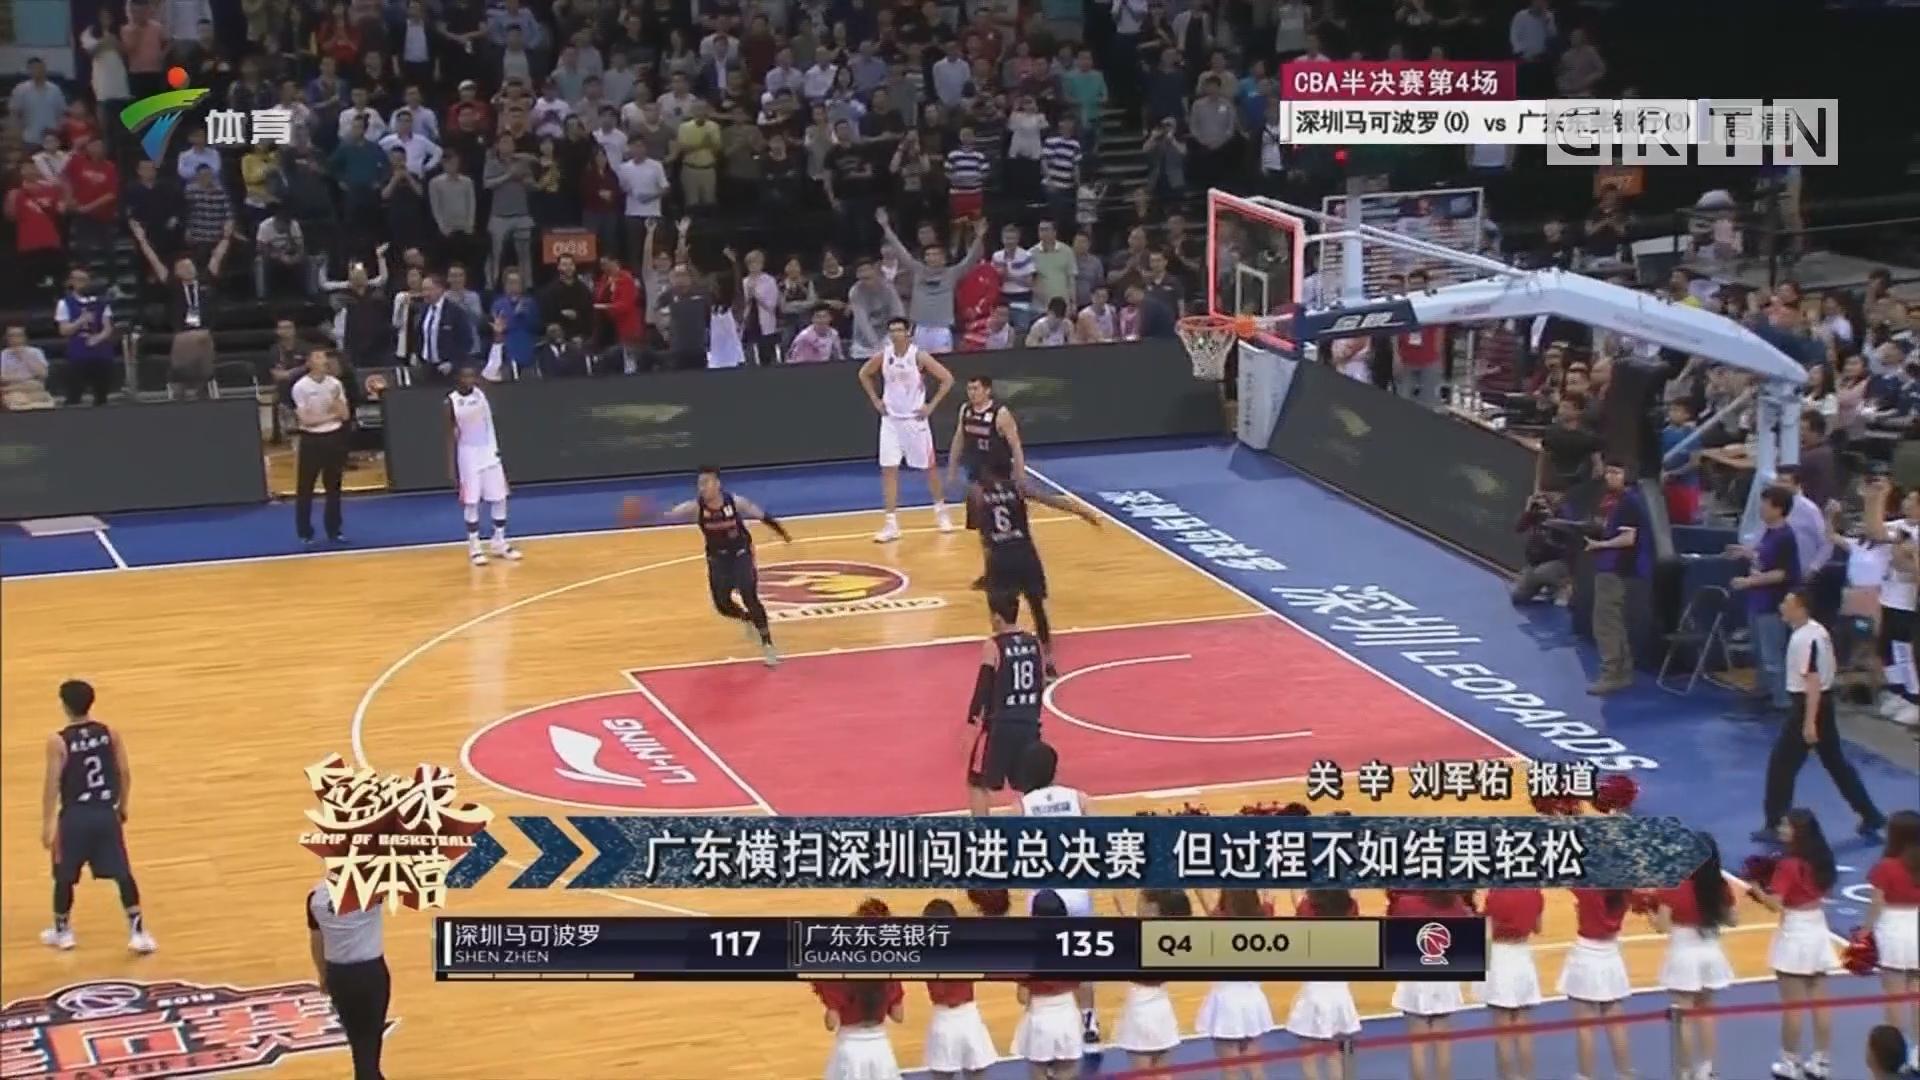 广东横扫深圳闯进总决赛 但过程不如结果轻松